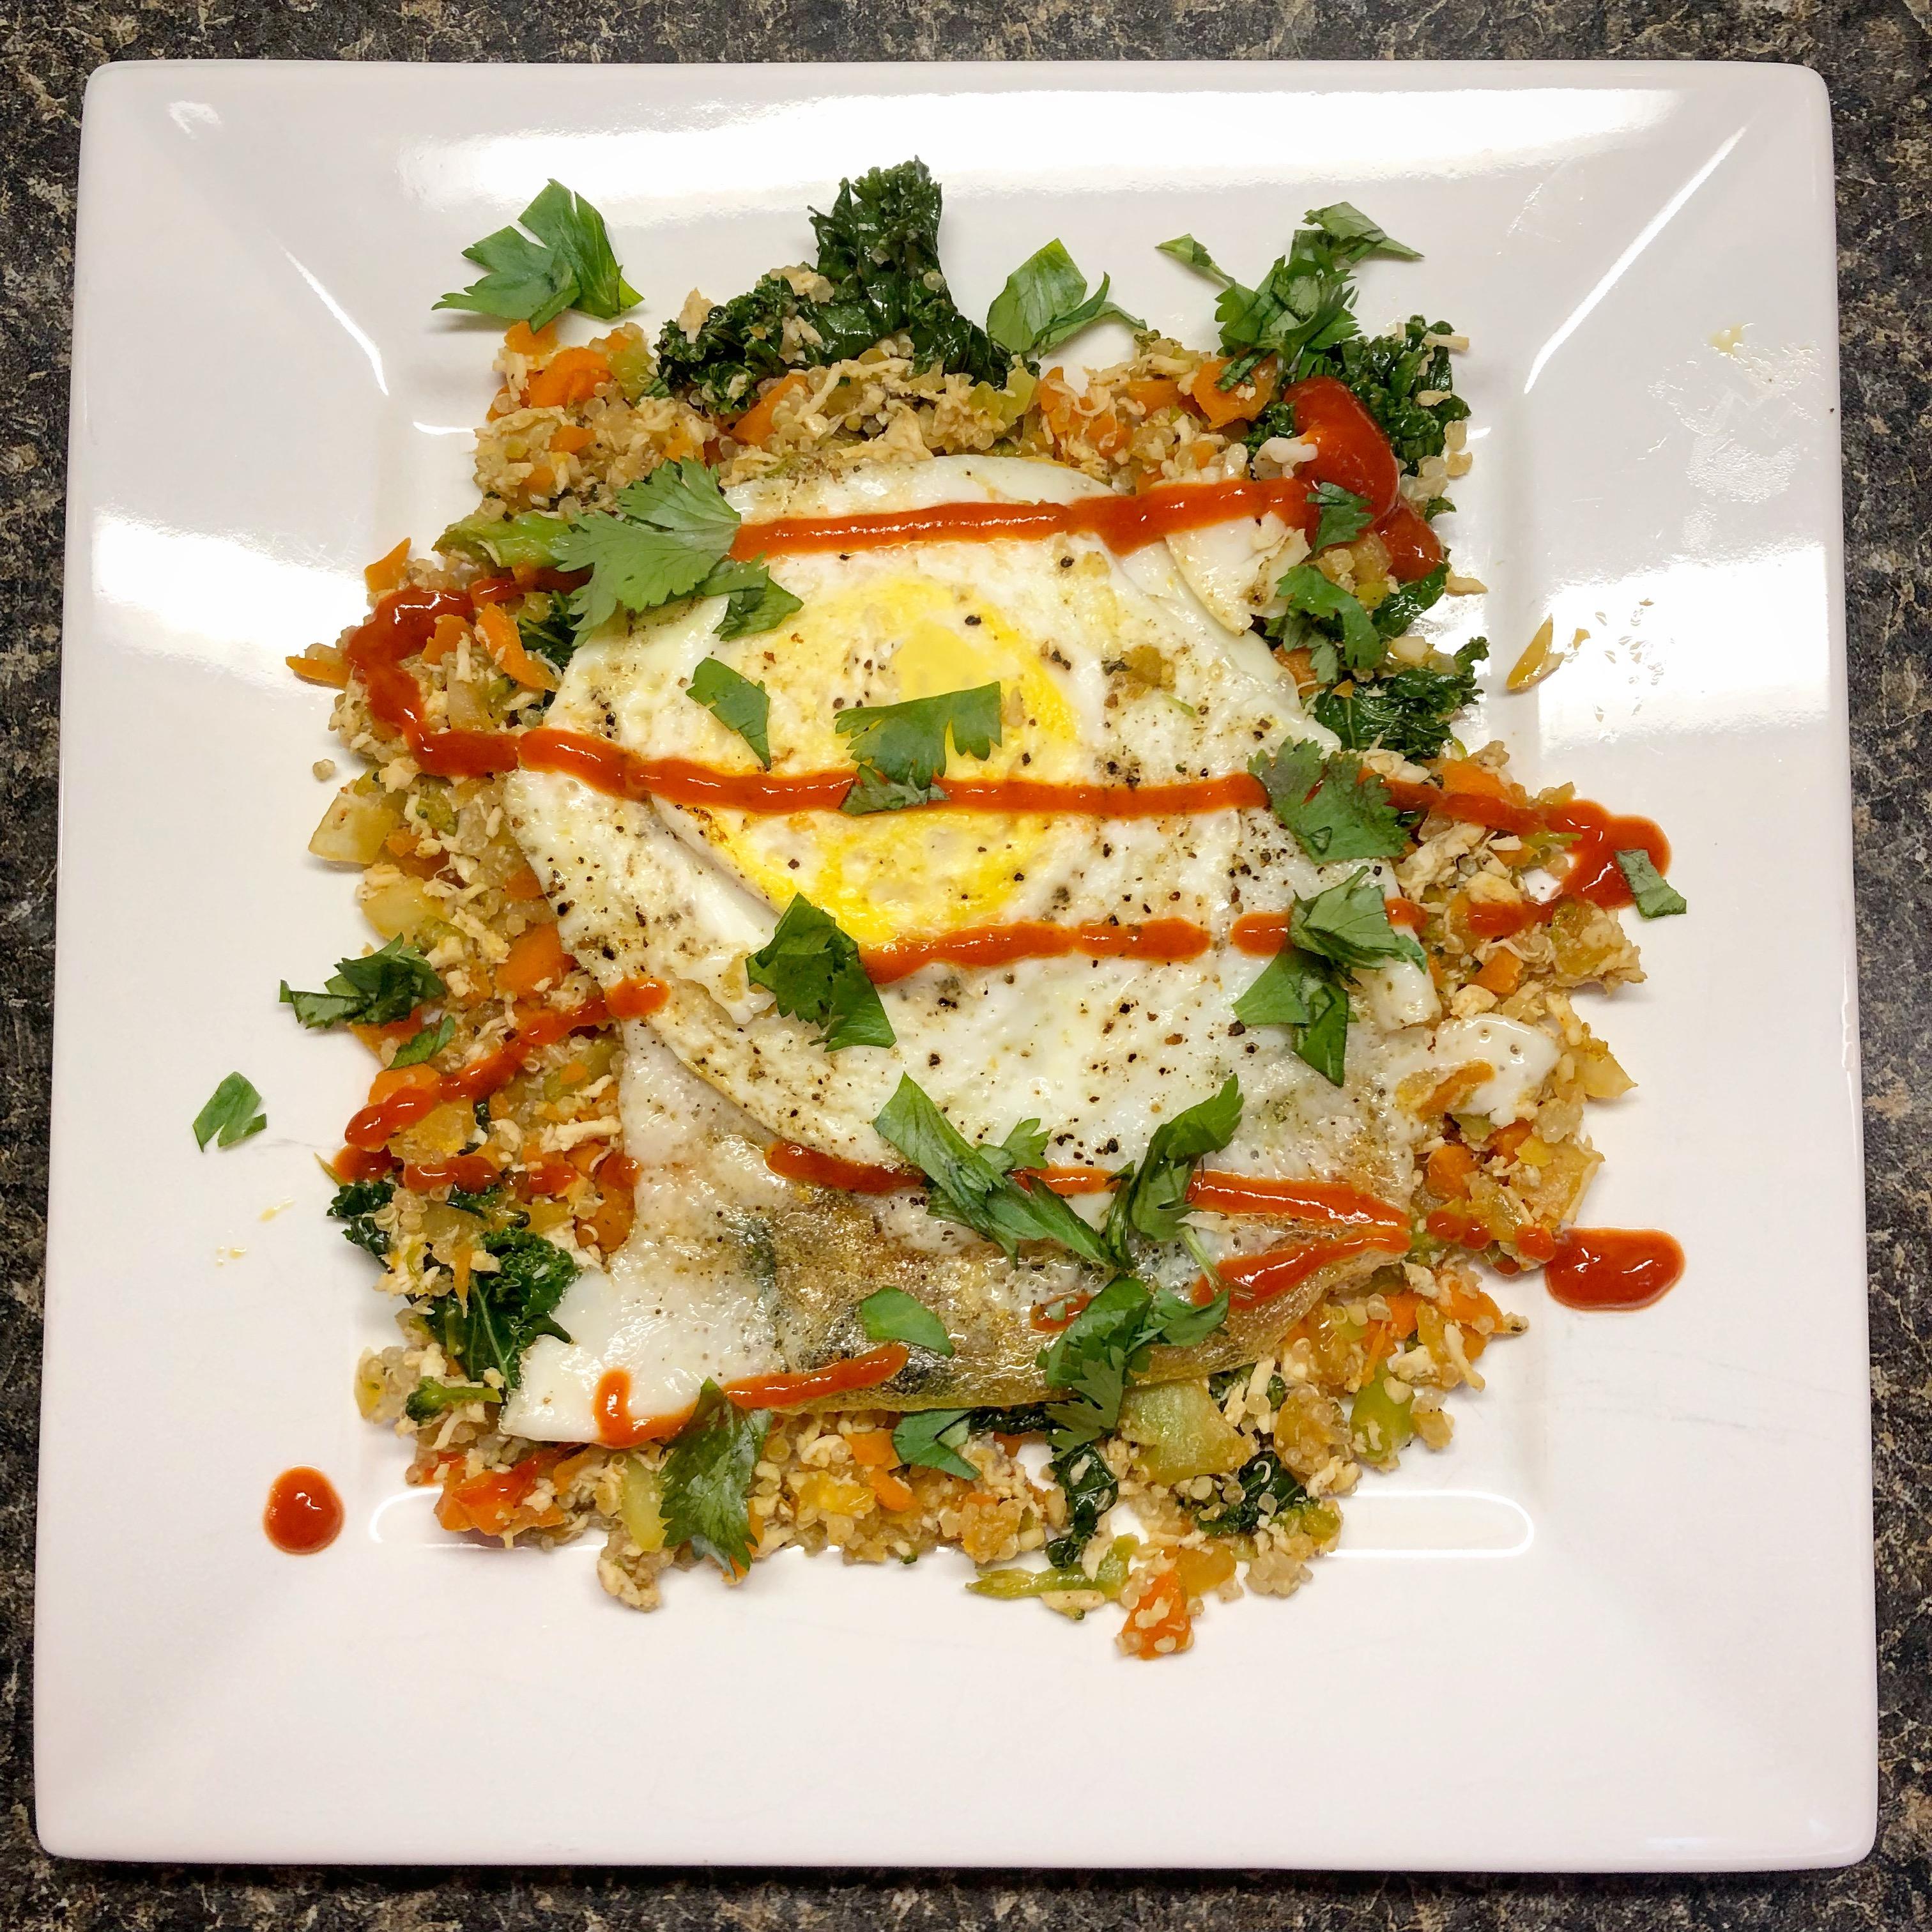 Asian Breakfast Stir-Fry